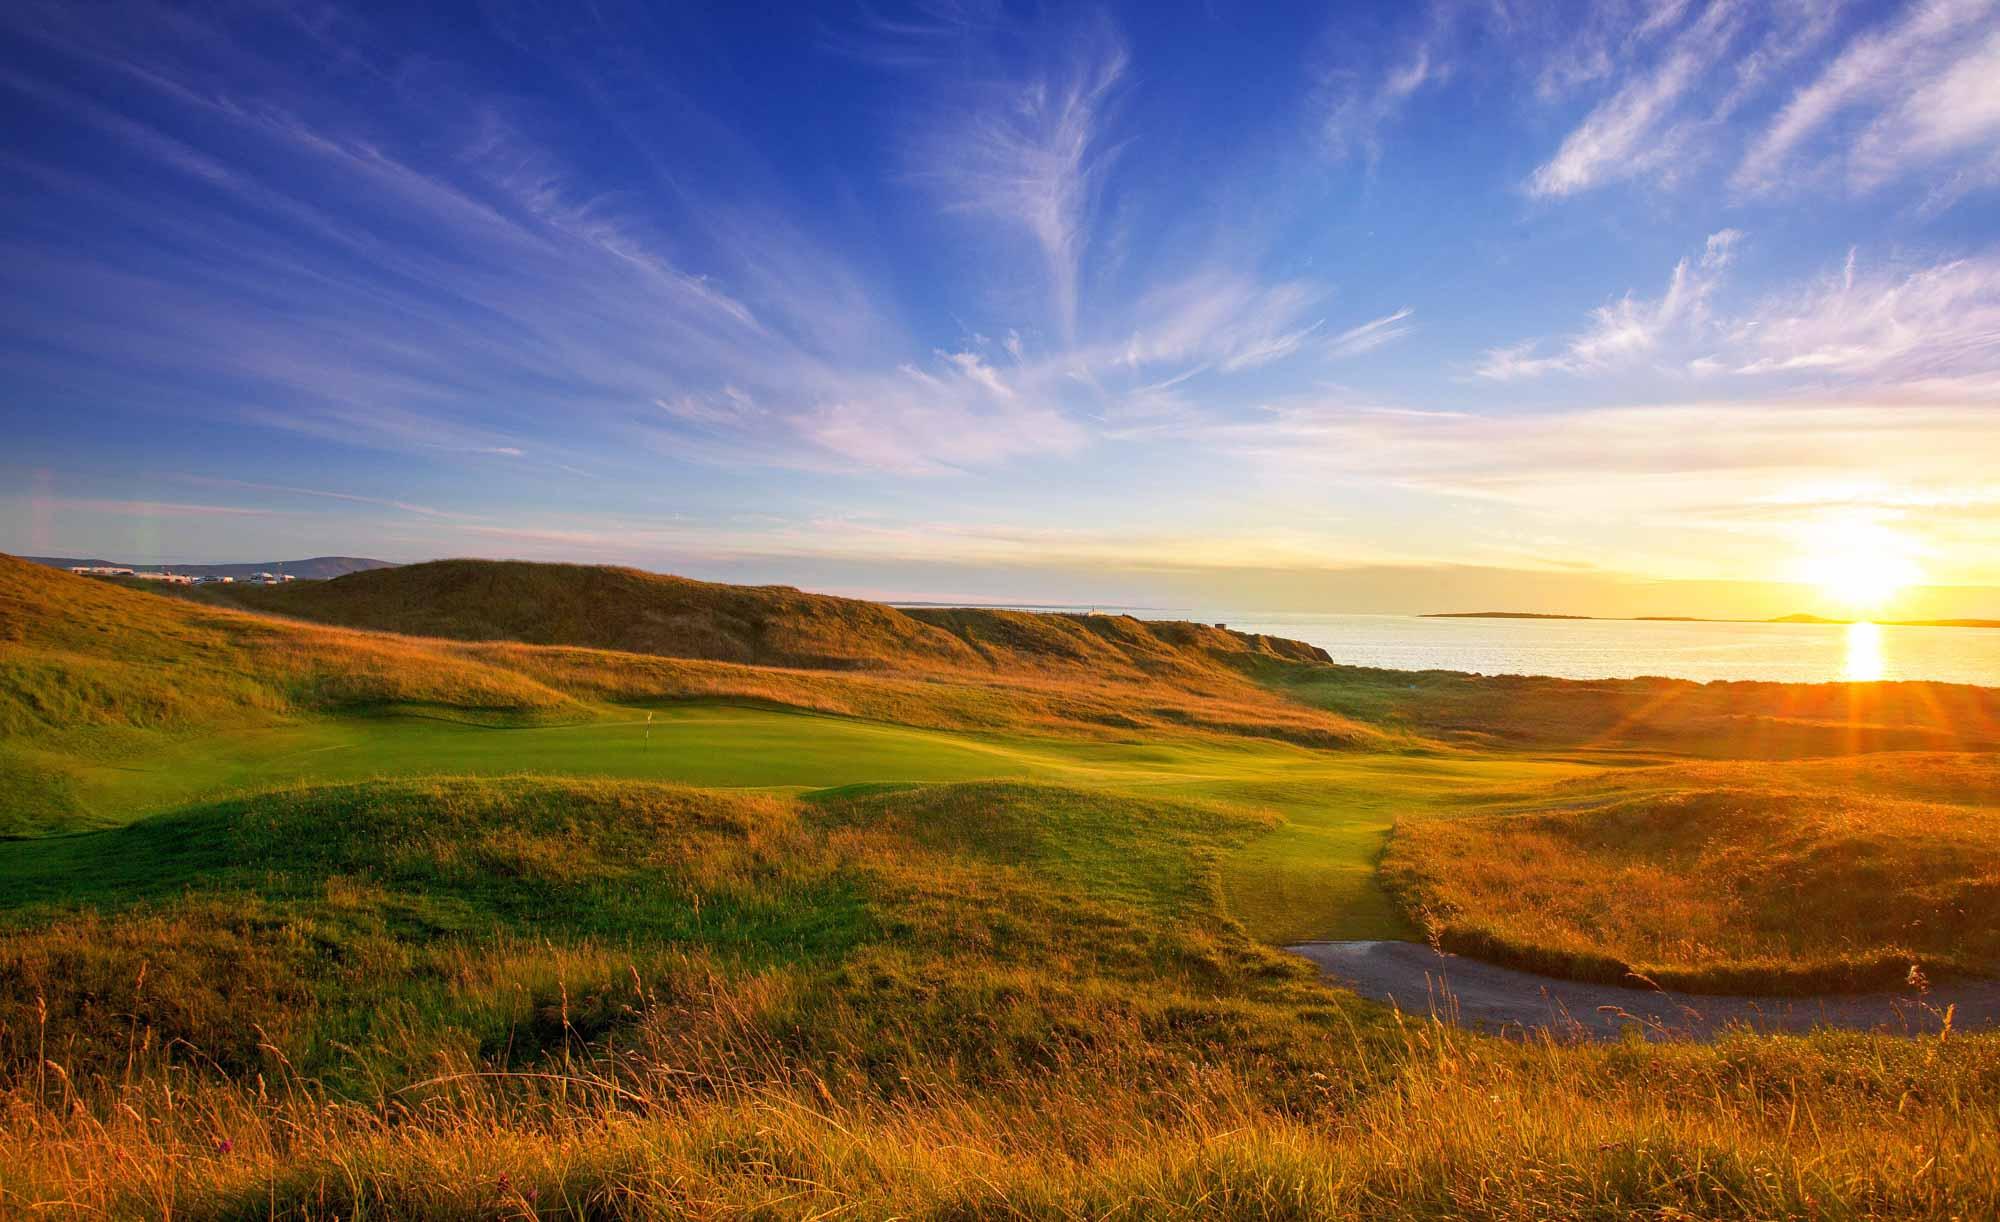 A photo of sunset over the pure links of County Sligo Golf Club.